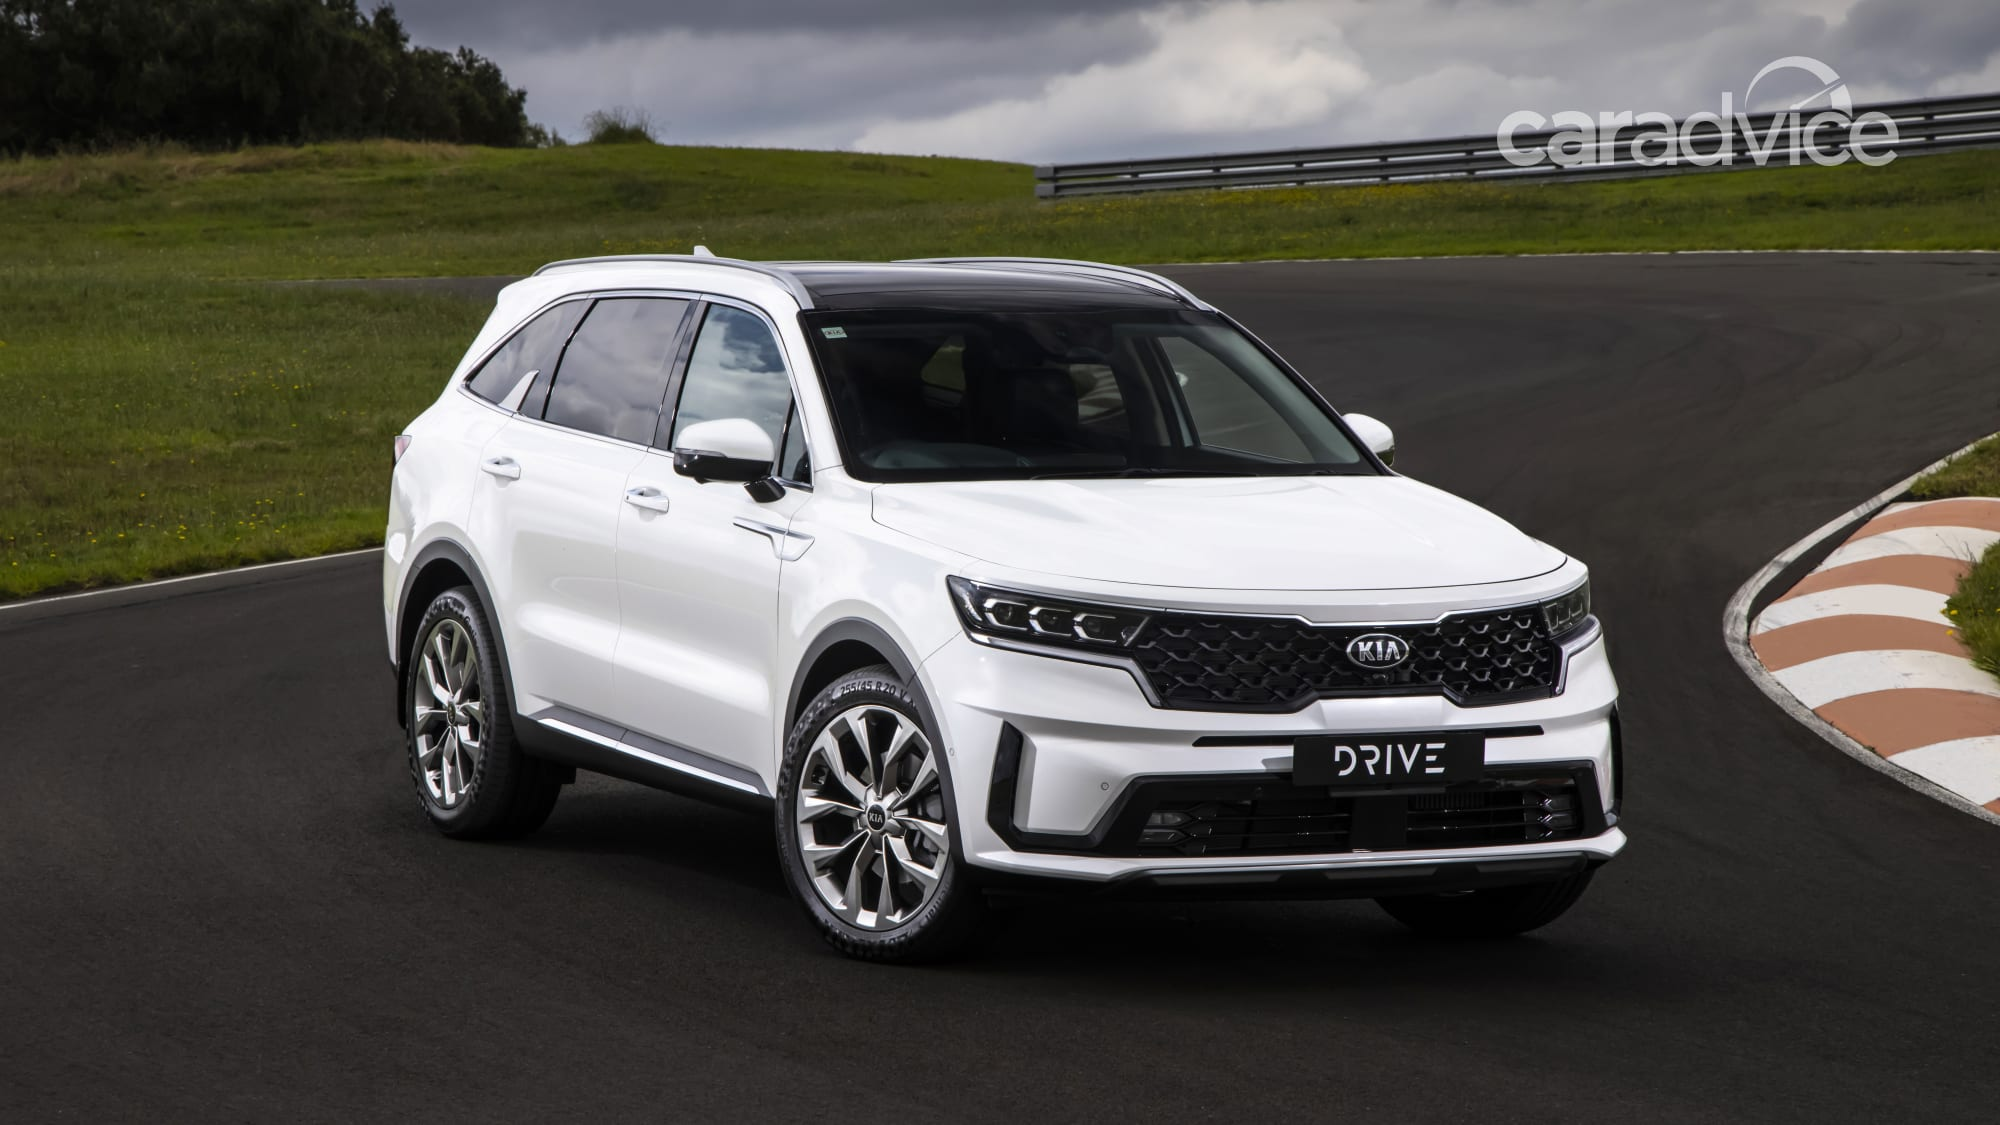 2021 Drive Car of the Year - Miglior SUV di grandi dimensioni - 2 su 2